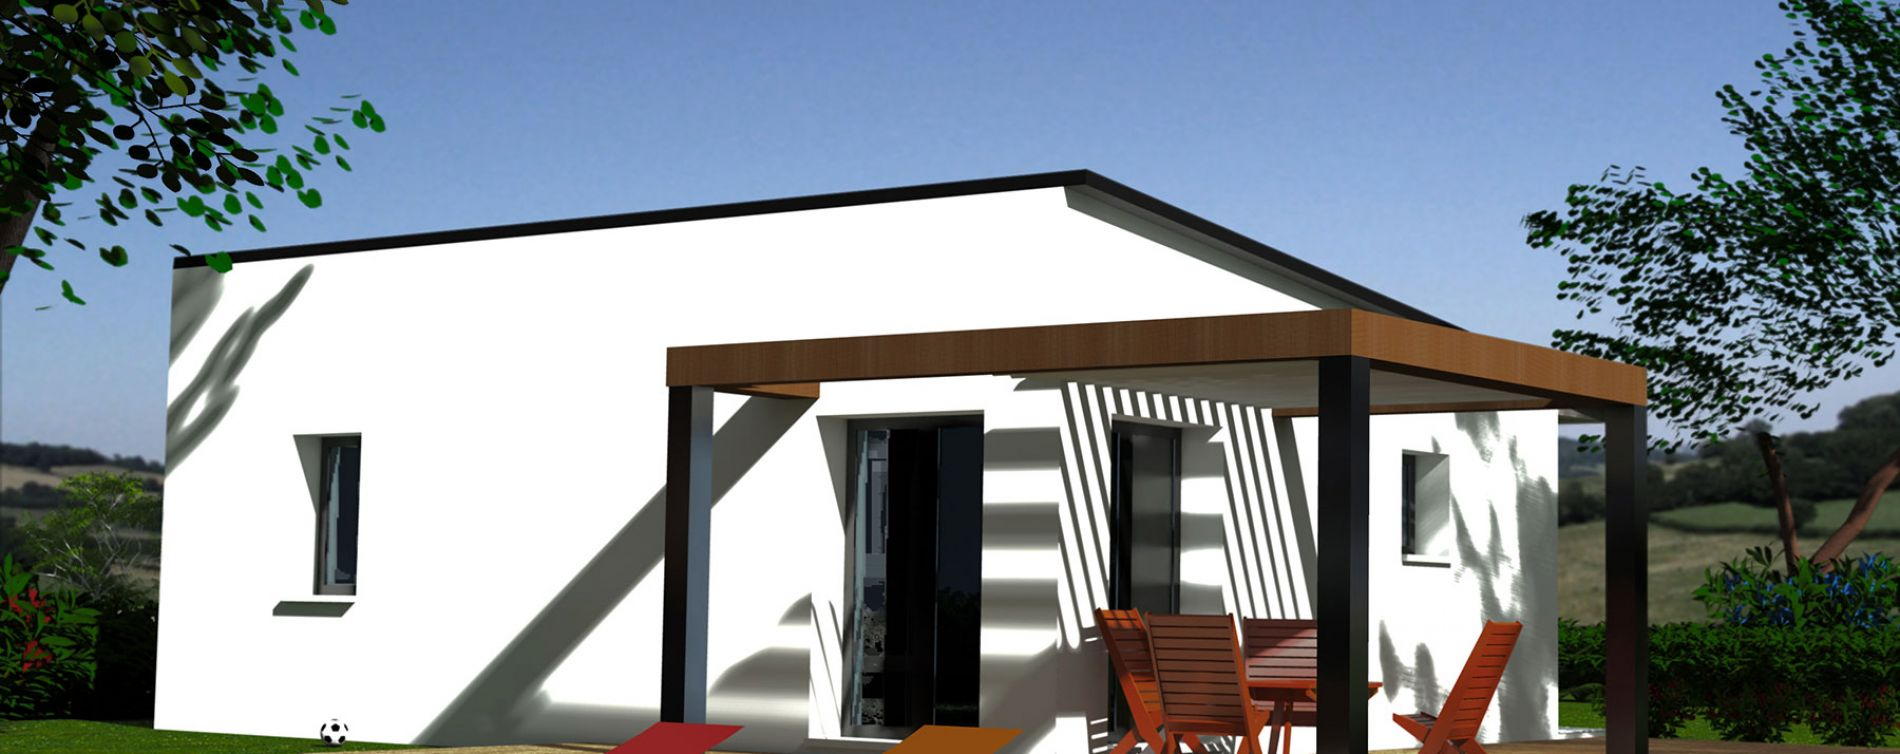 Ploudalmézeau : programme immobilier neuve « Chemin des Dunes » (5)